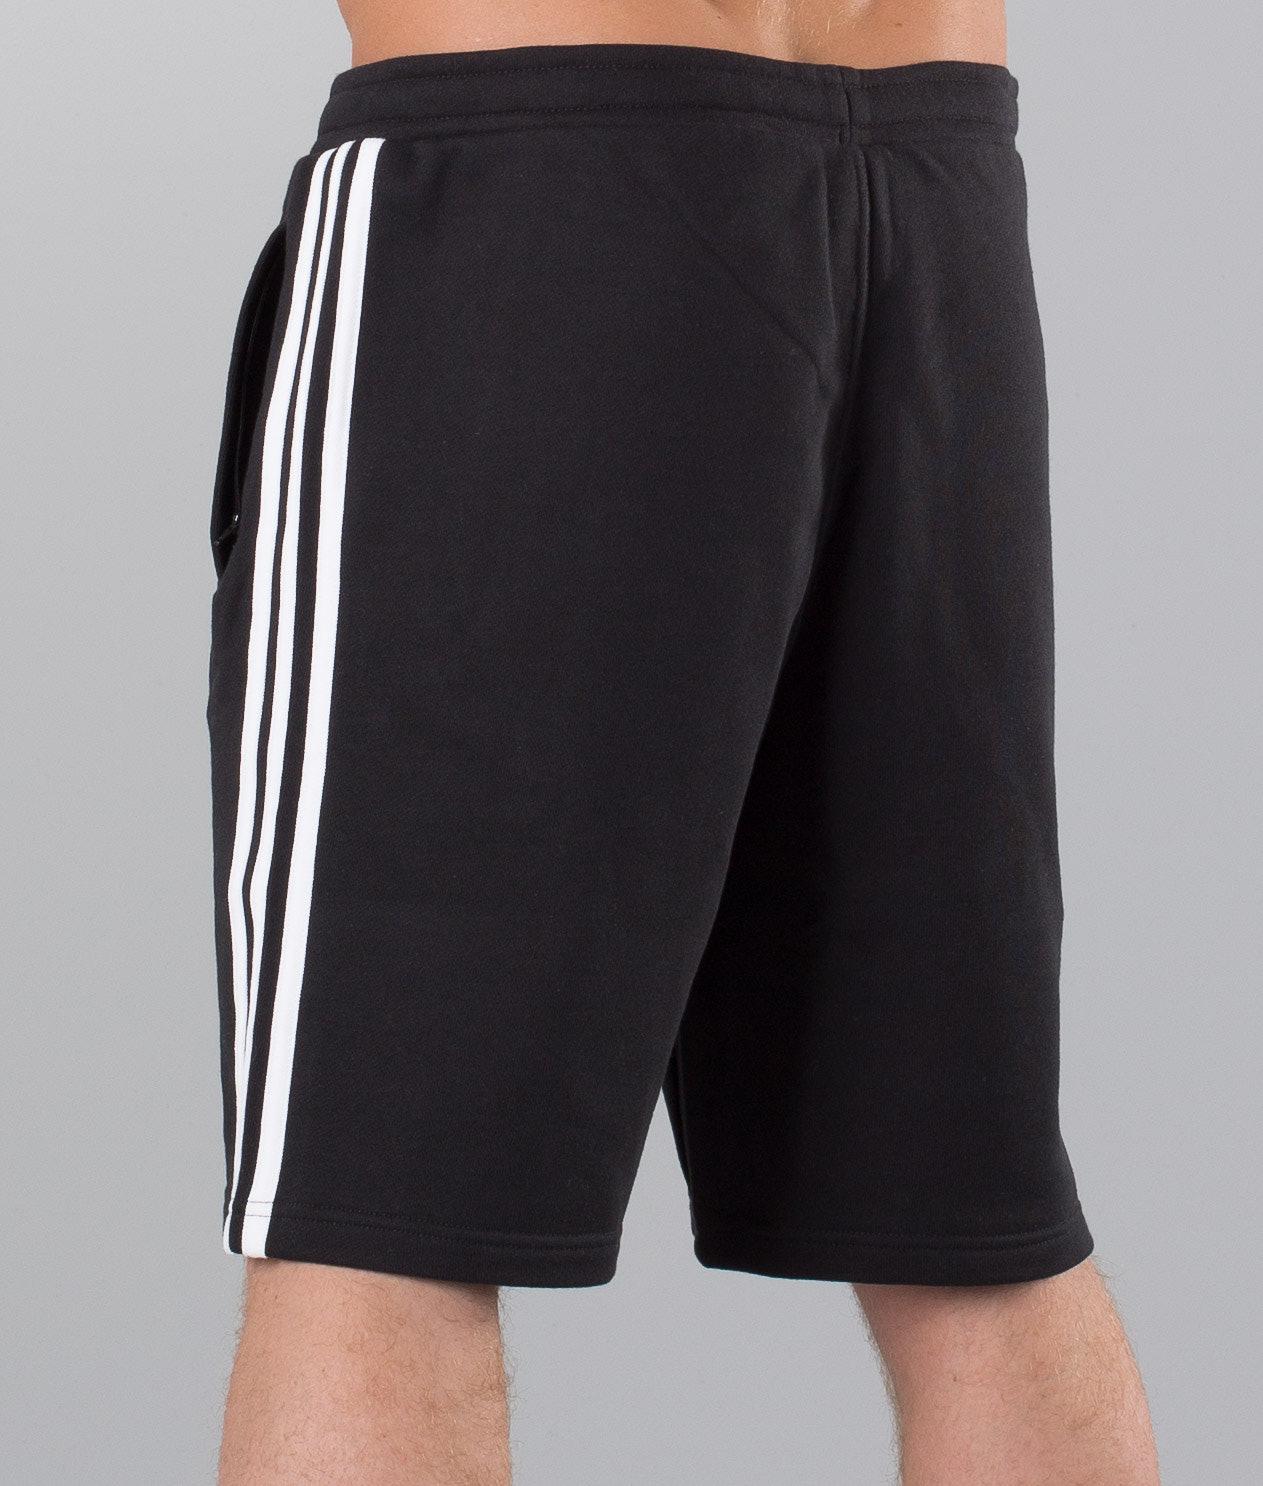 2cf548073b5e Adidas Originals 3-Stripes Shorts Black - Ridestore.com